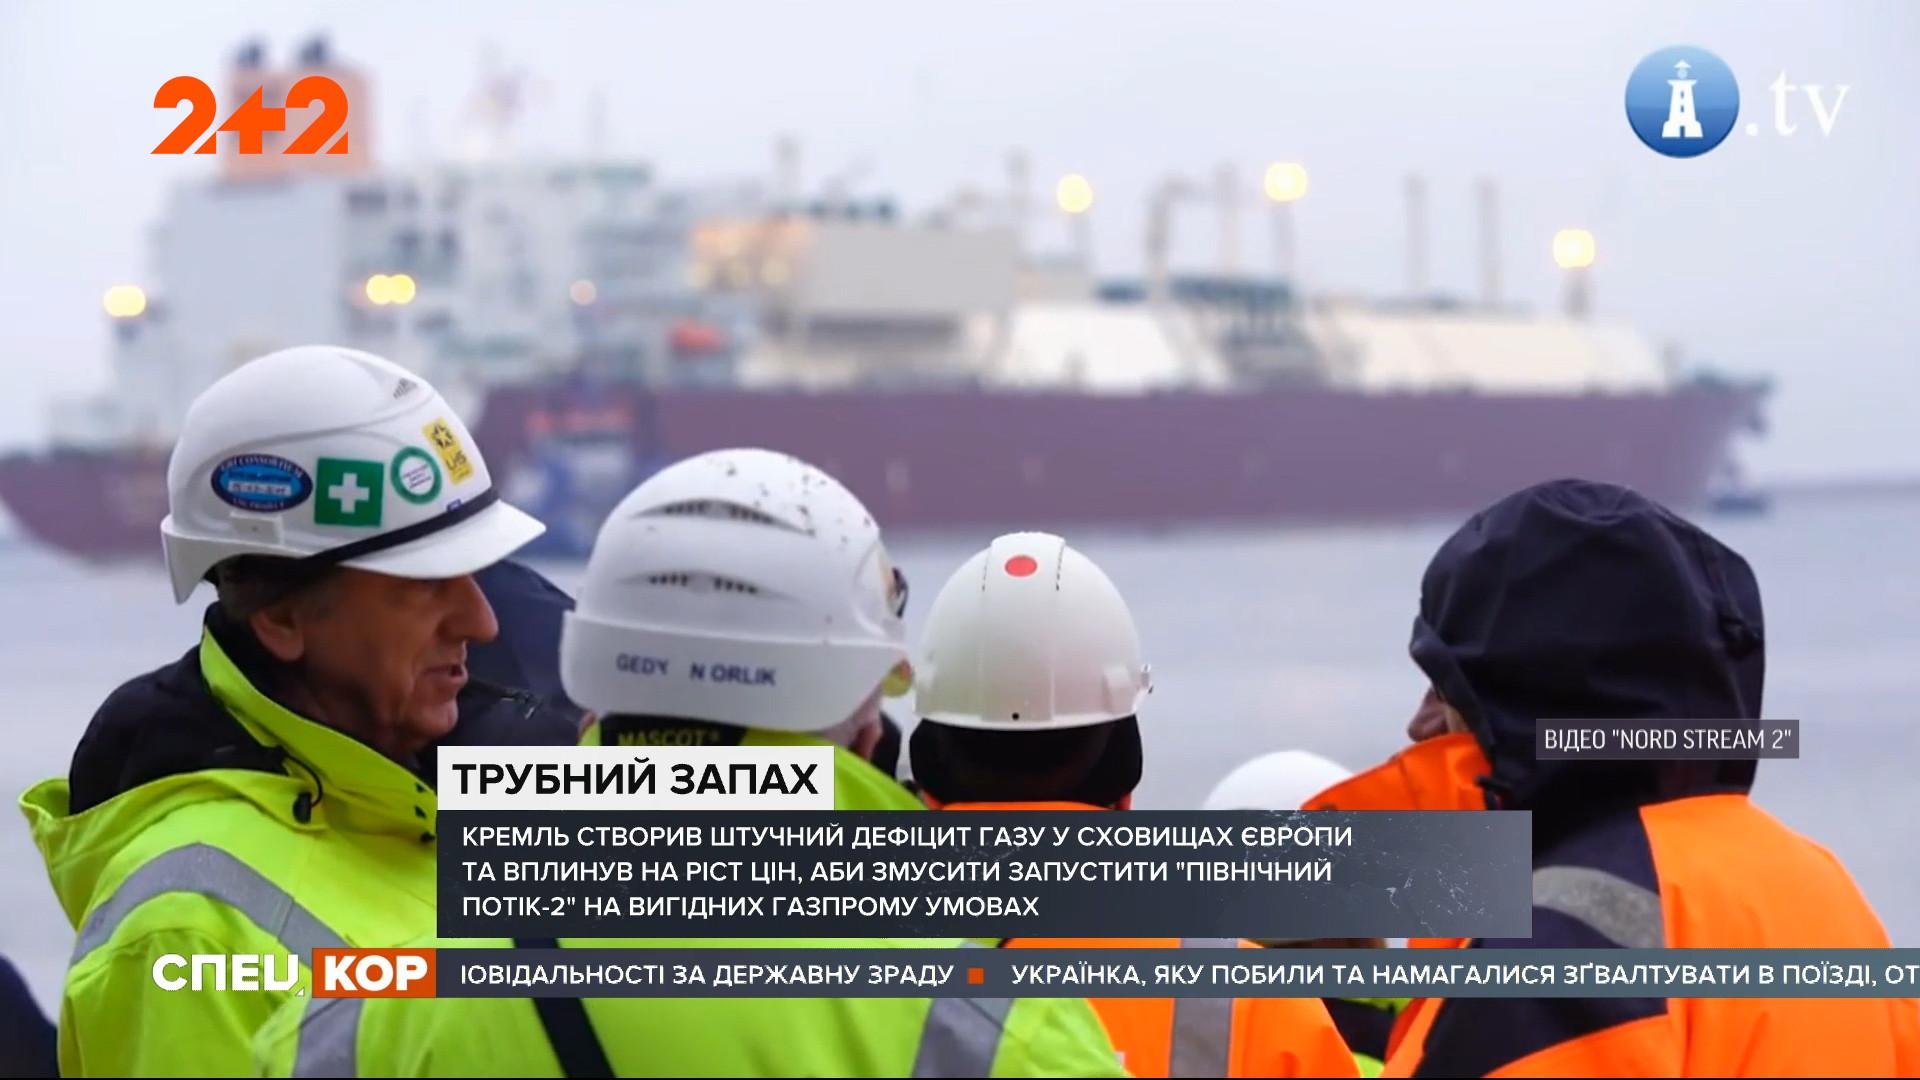 Газові ігри Кремля: Росія тисне на Європу зі своїм Північним потоком